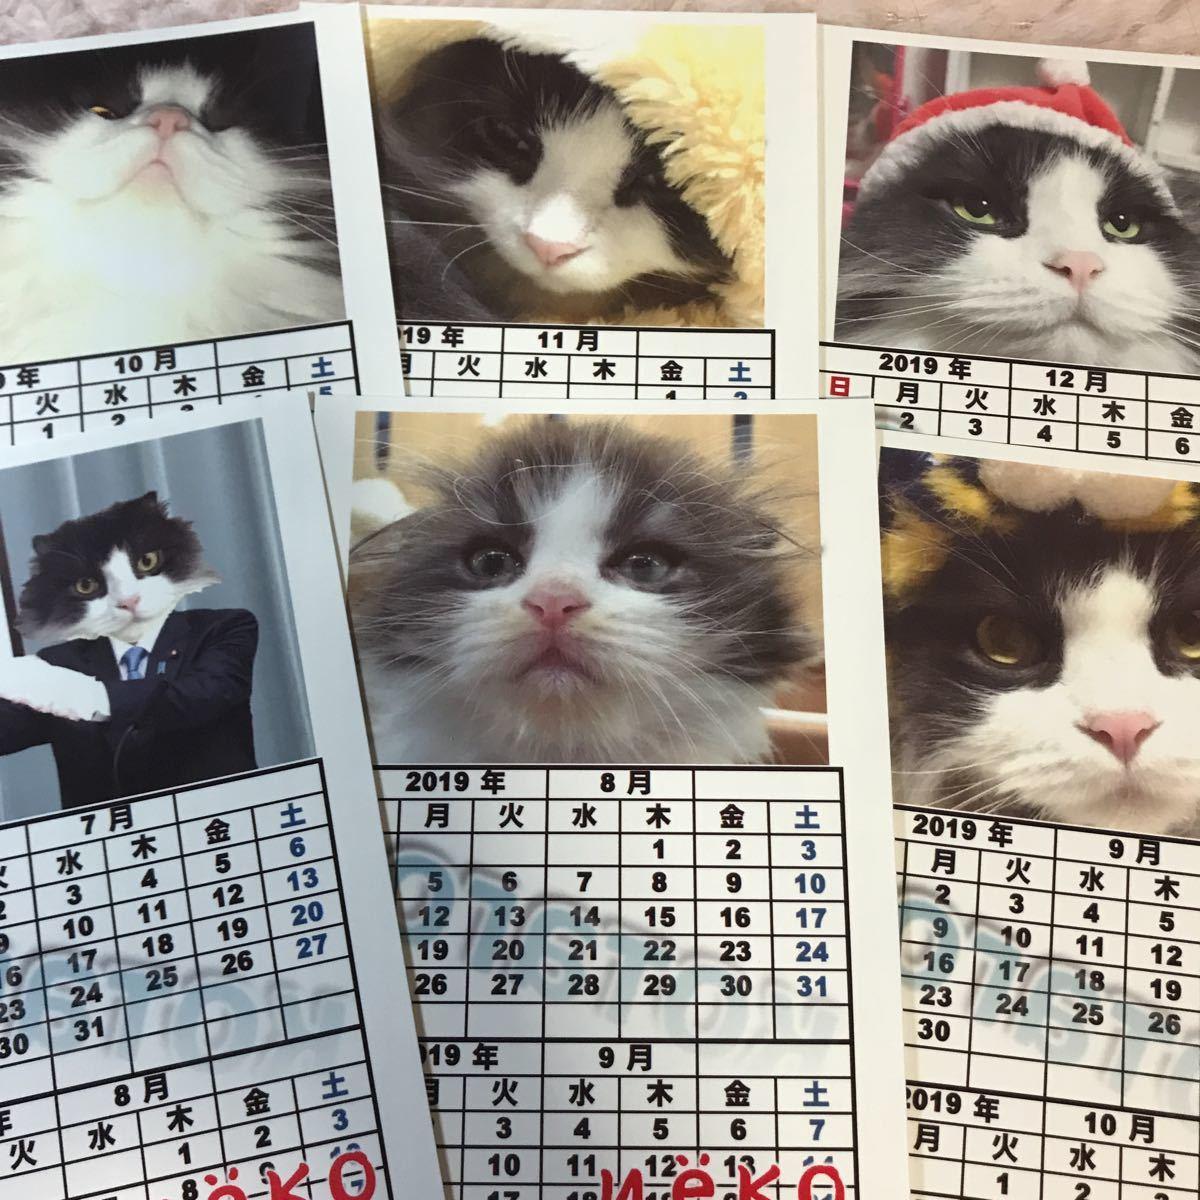 1円スタート!猫(コタロー)カレンダー下半期 めっちゃかわいい!ネコ好きさんに